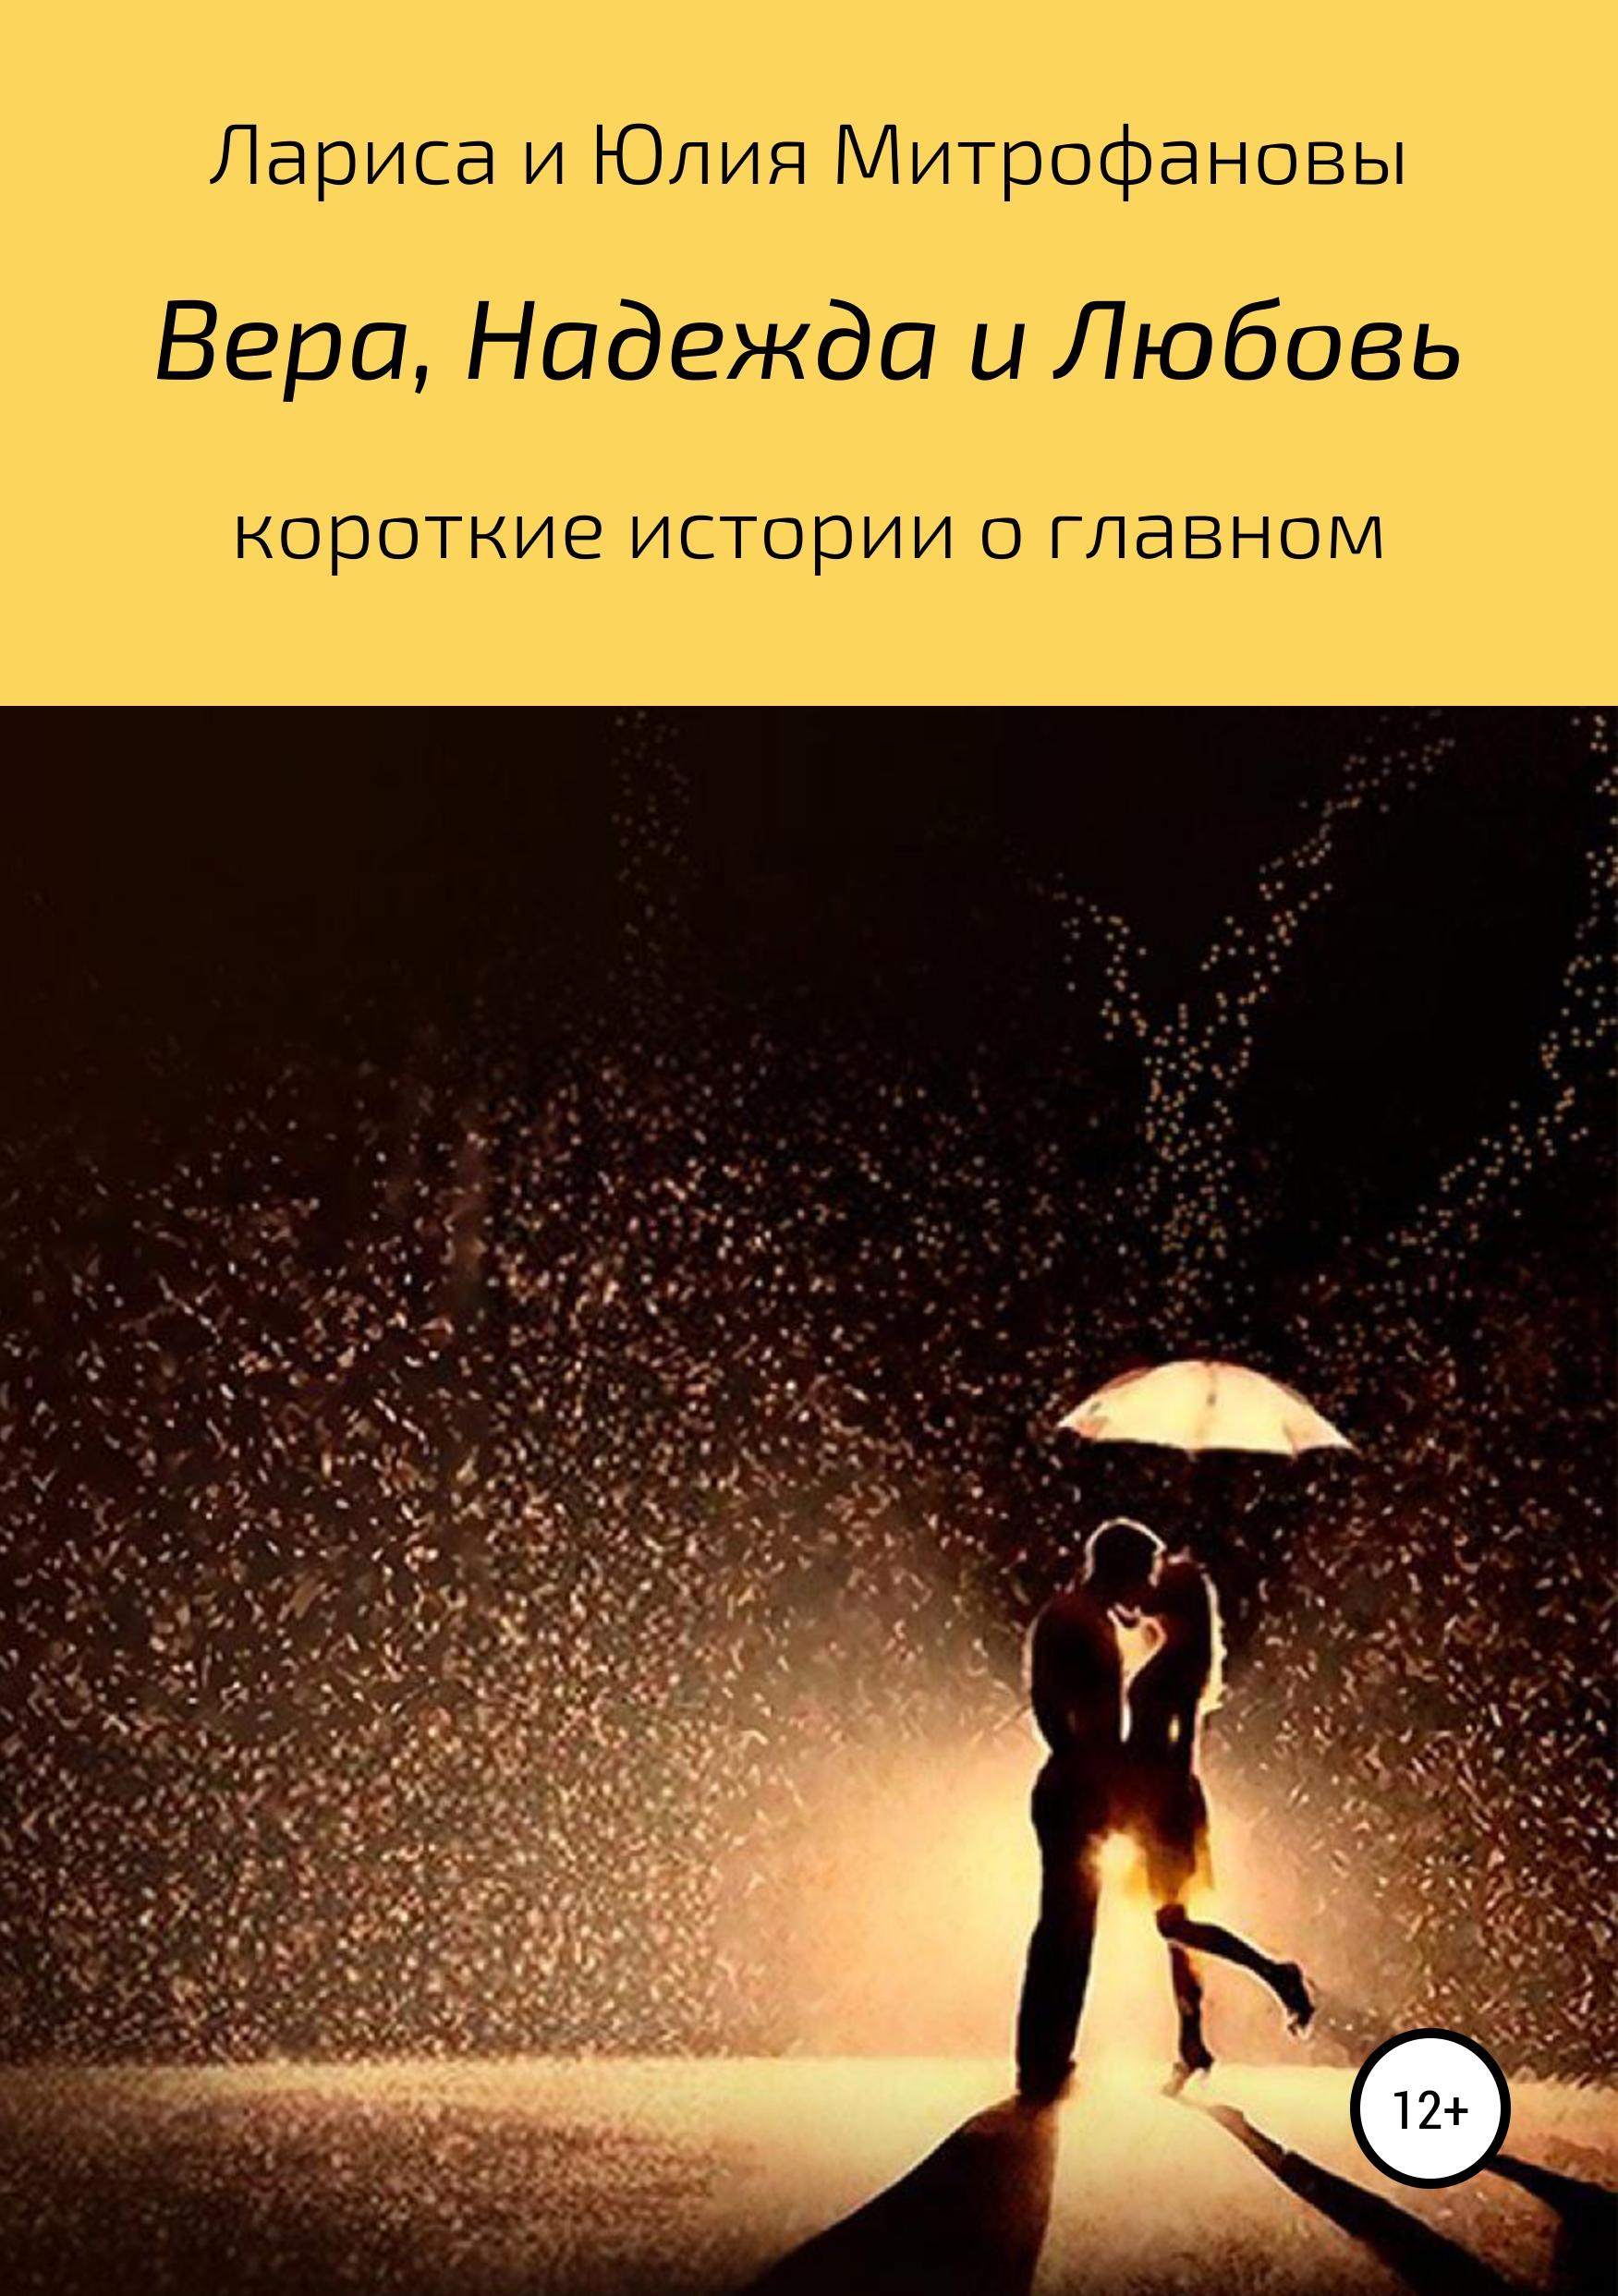 Лариса Анатольевна Митрофанова Вера, Надежда и Любовь надежда анатольевна делло сила прощения